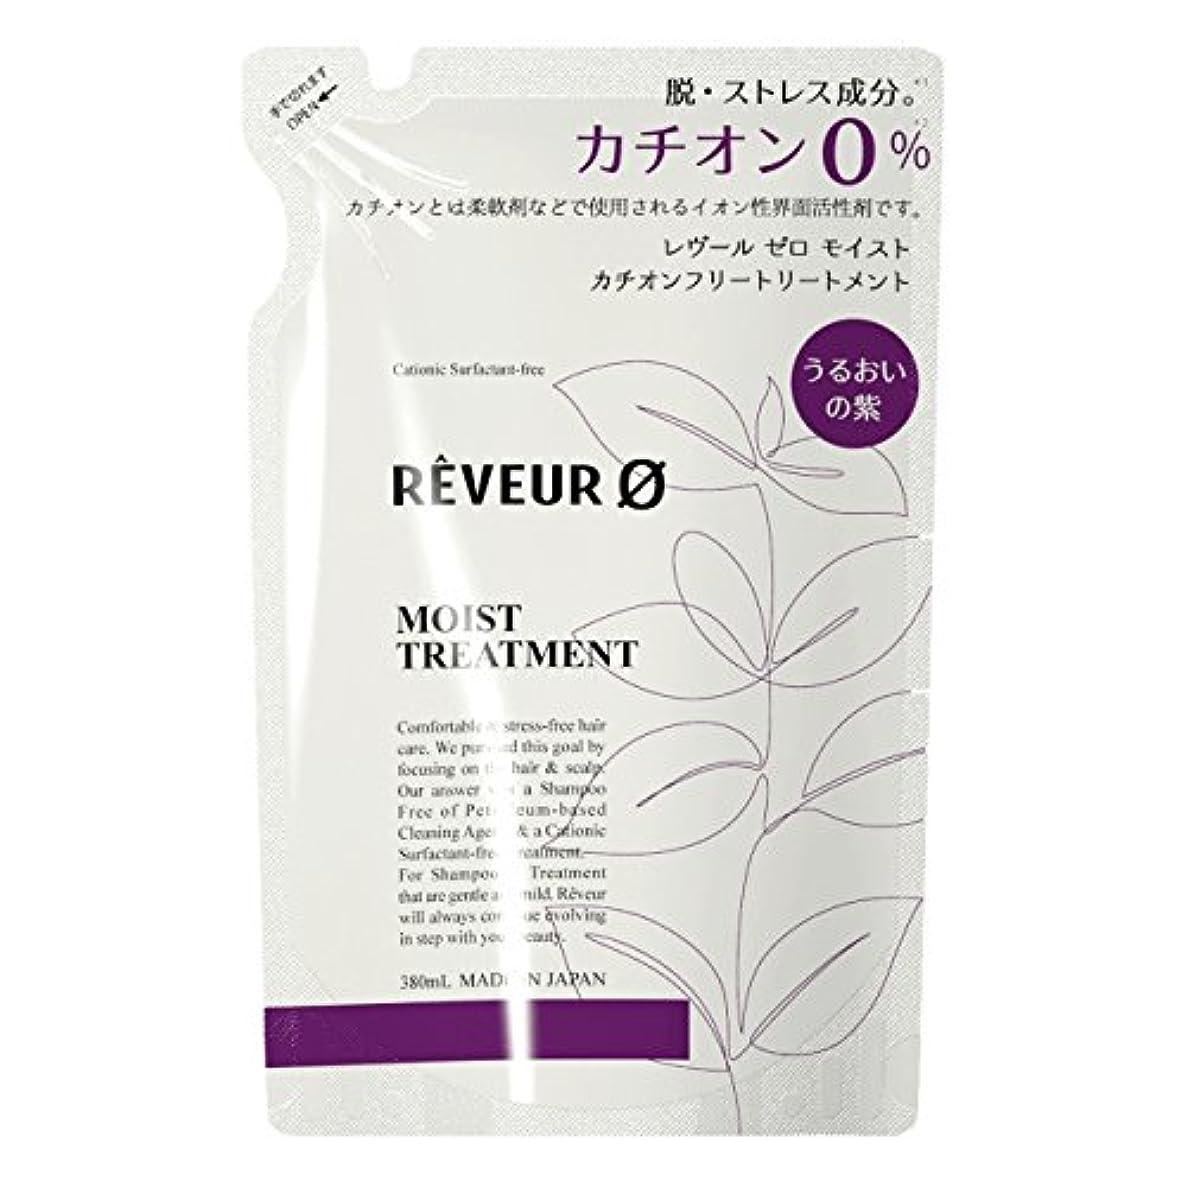 モスク明日癒すReveur0(レヴール ゼロ) モイスト カチオンフリー トリートメント 〈詰替〉 (380mL)